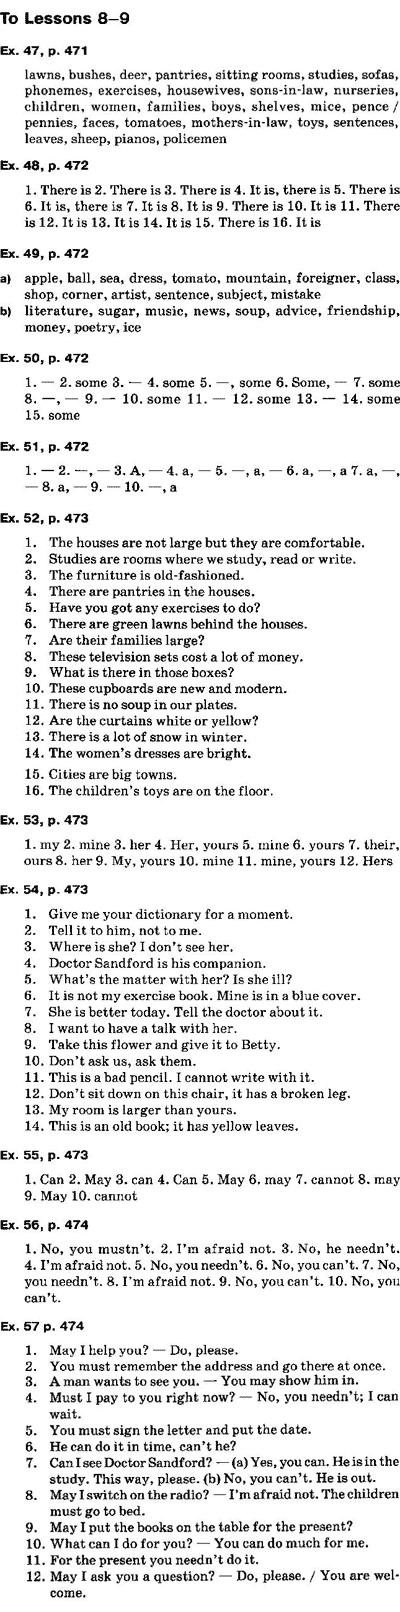 Гдз к учебнику аракина практический курс английского языка курс